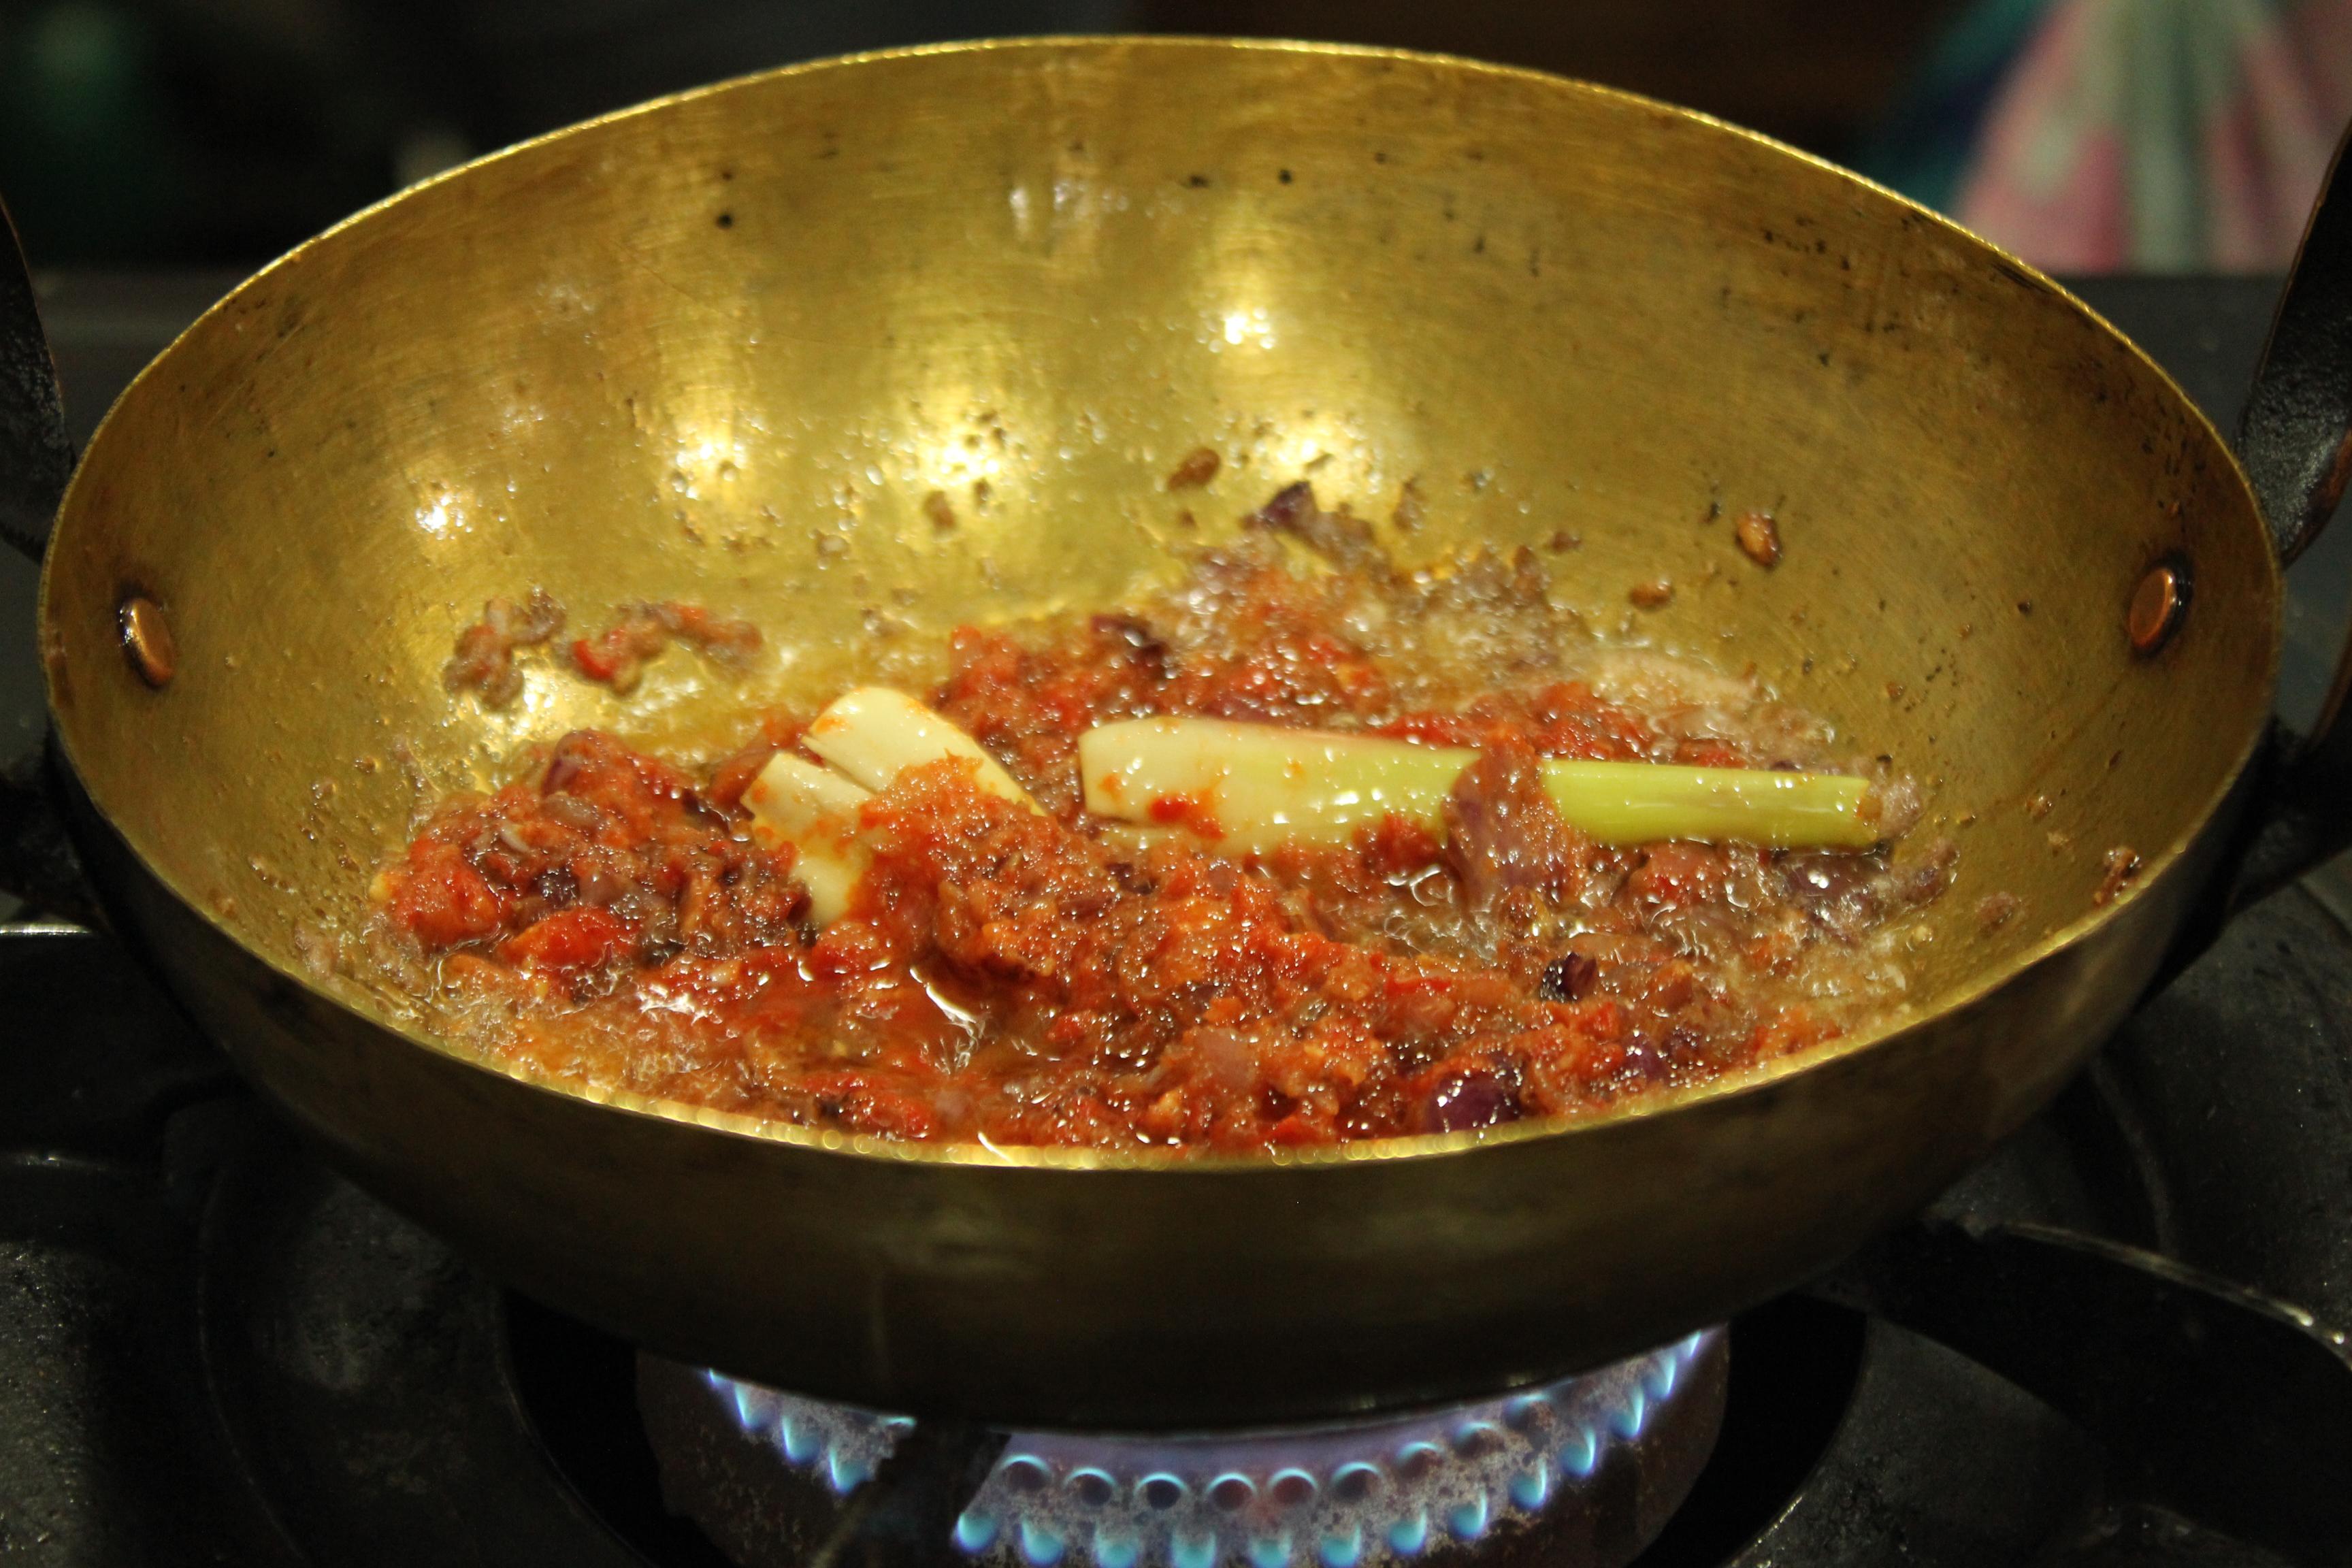 My saucy Sambal Udang